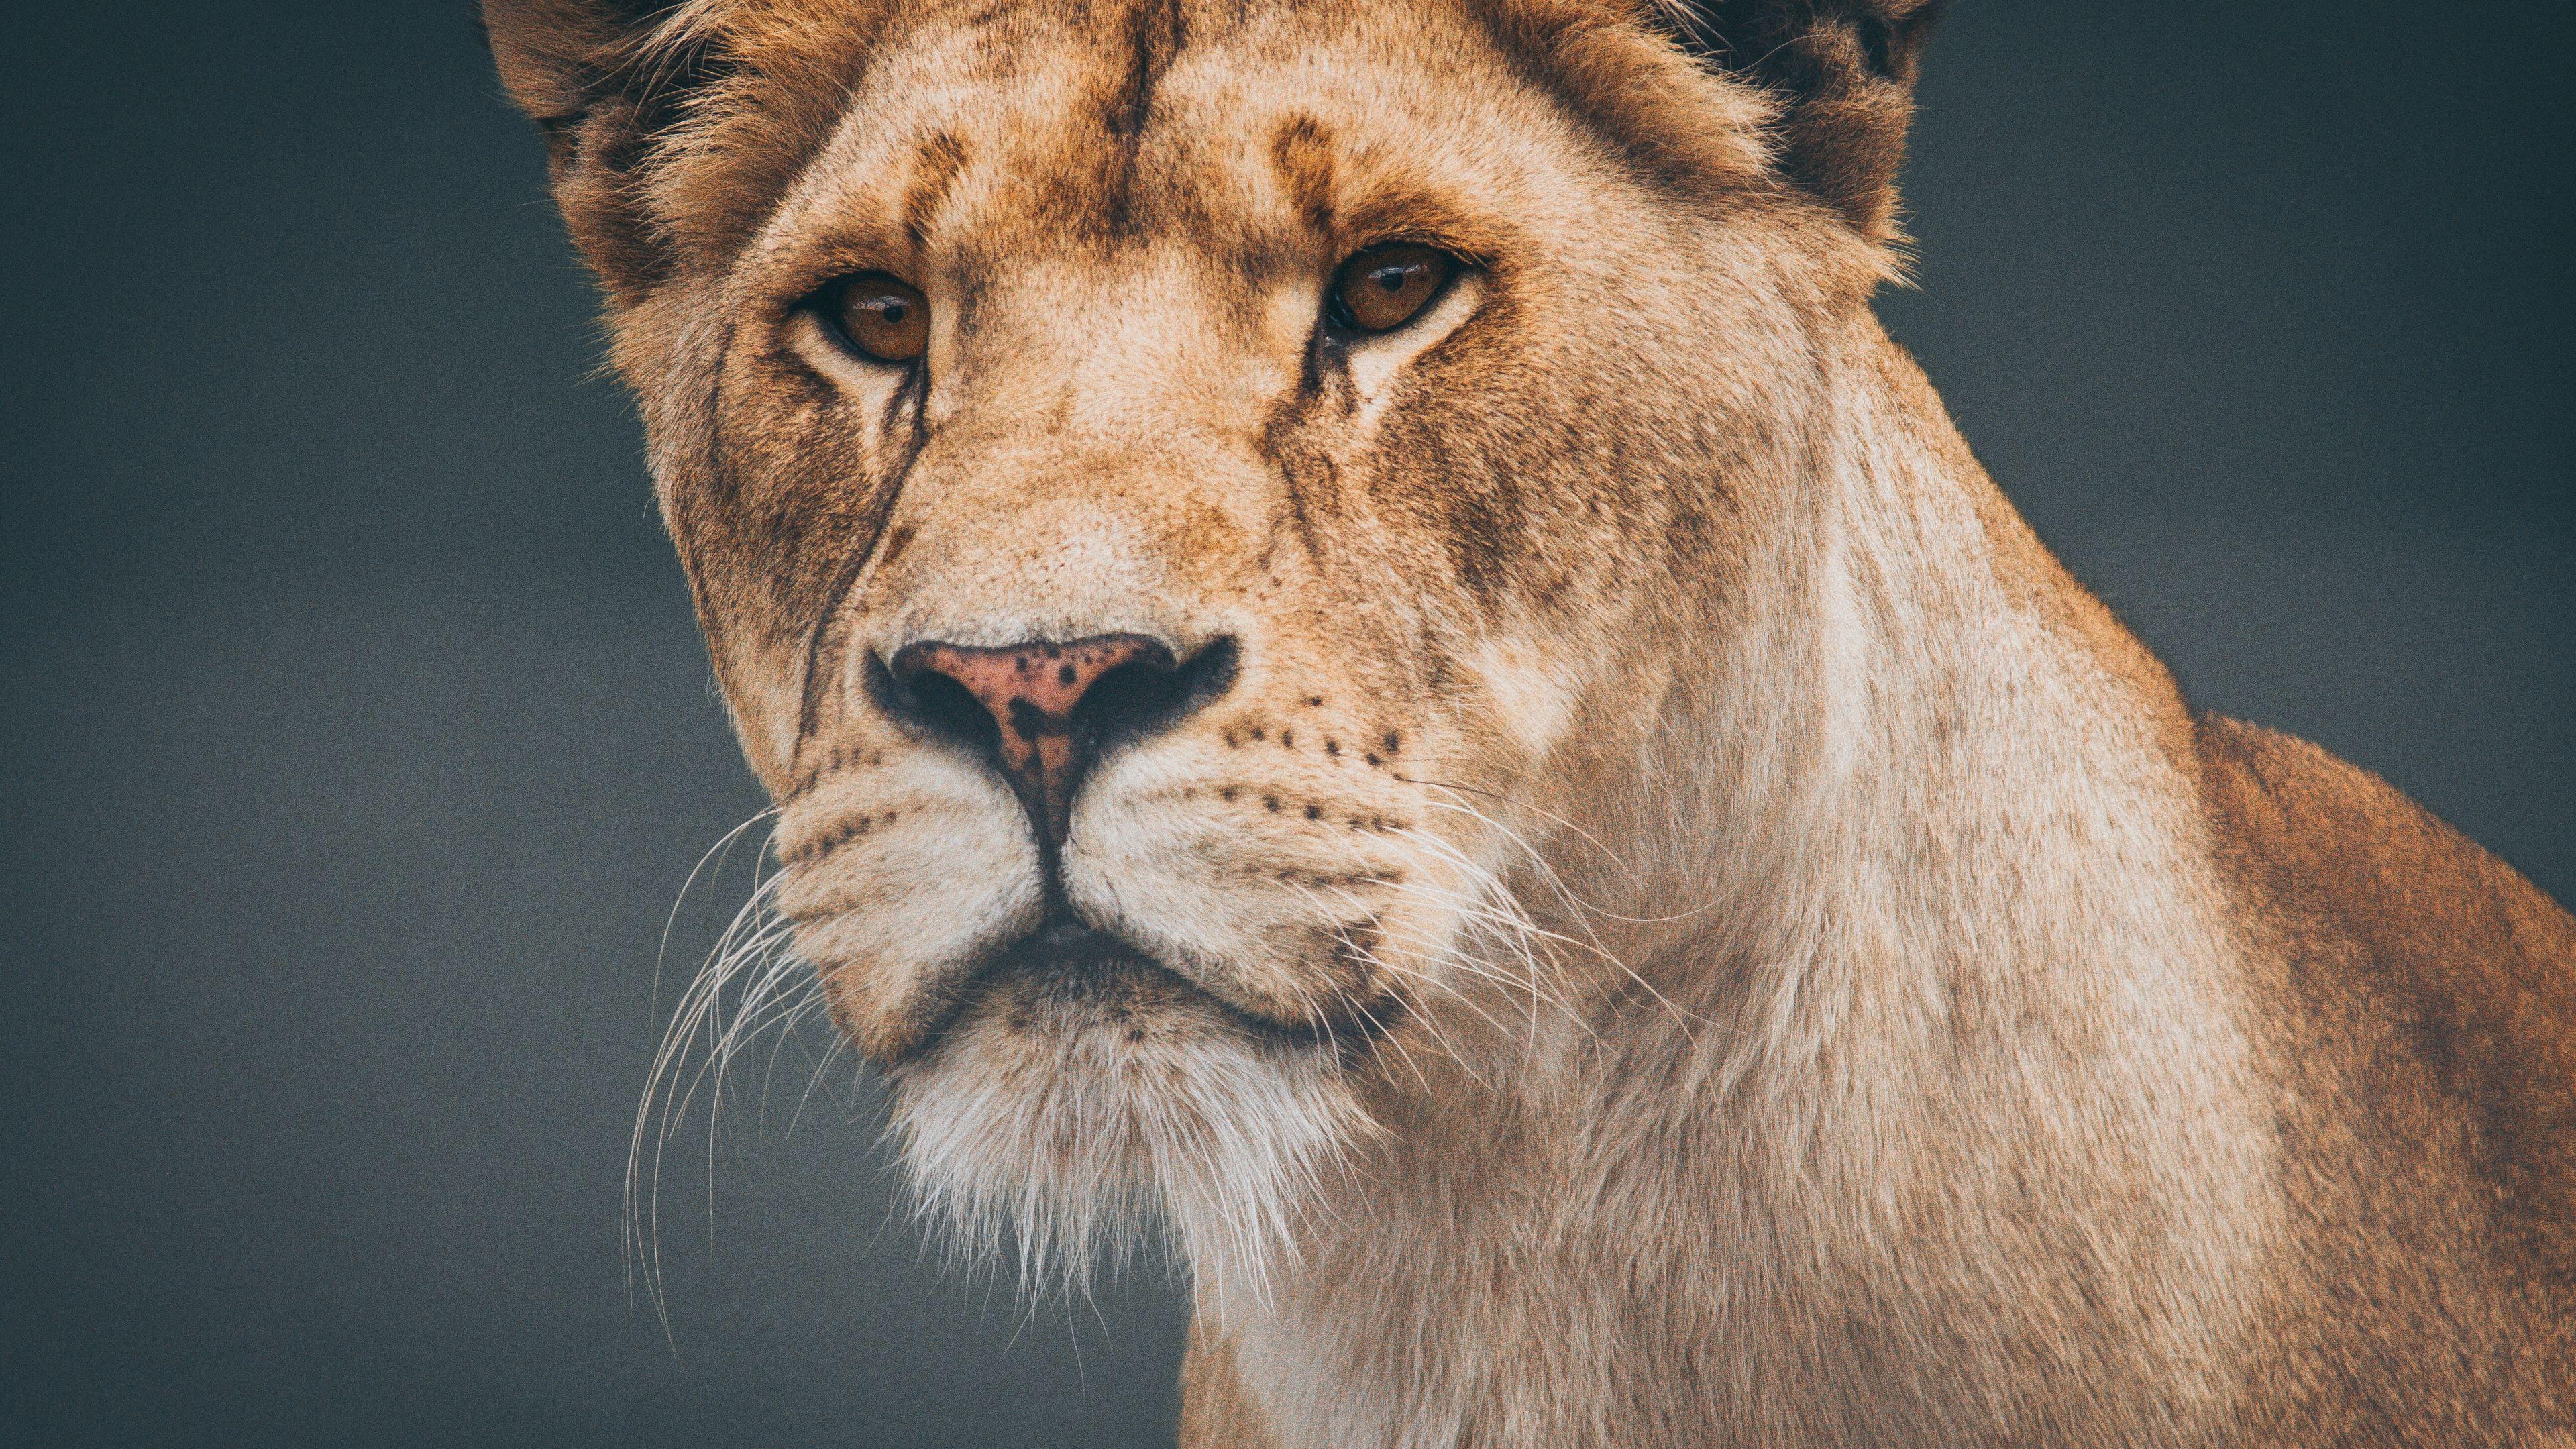 female lioness 4k 1542239384 - Female Lioness 4k - lioness wallpapers, lion wallpapers, hd-wallpapers, animals wallpapers, 4k-wallpapers